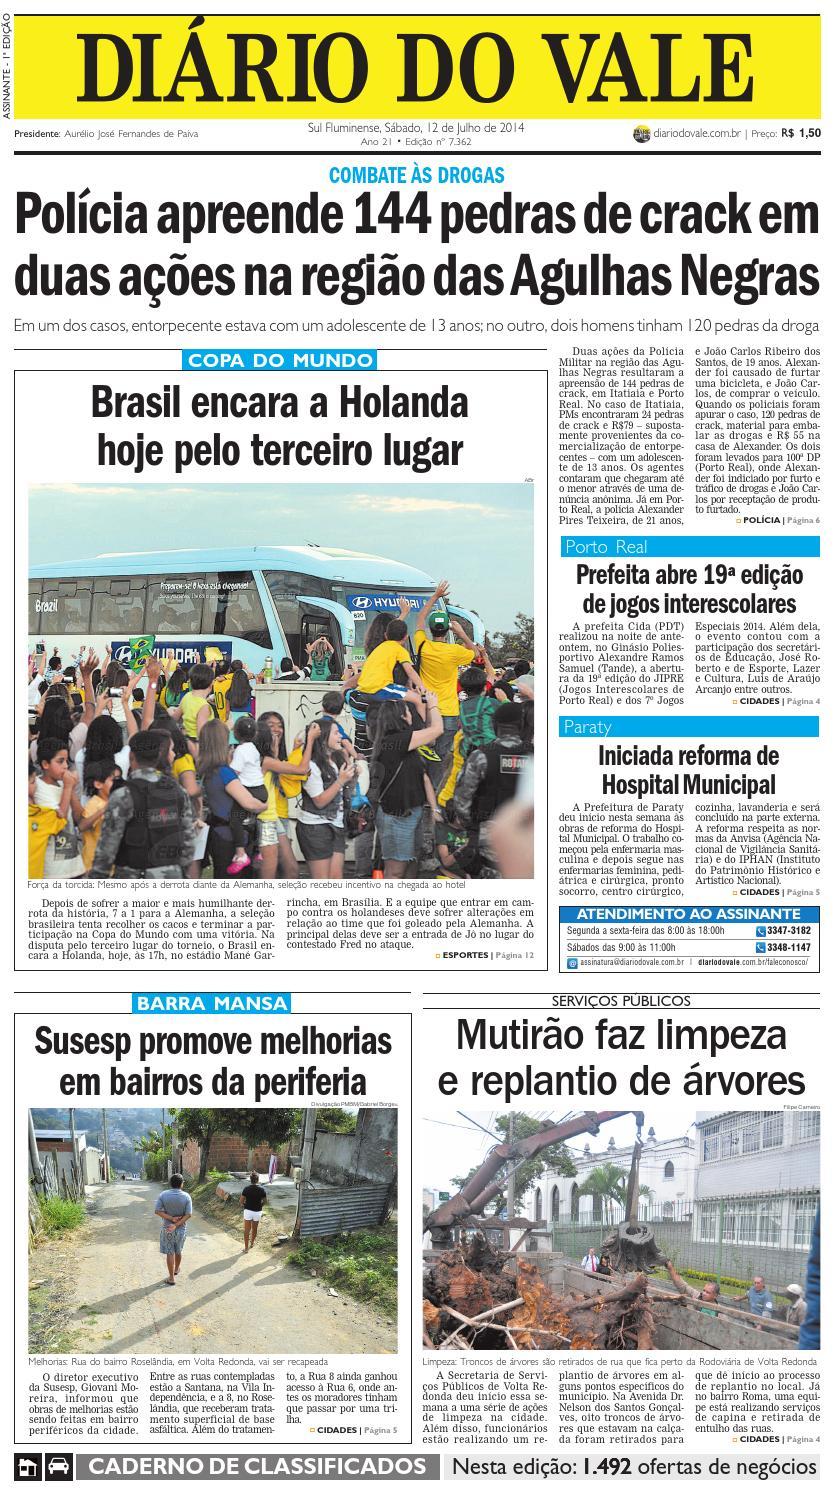 7362 diario sabado 12 07 2014 by Diário do Vale - issuu e85e68dc6c3f4